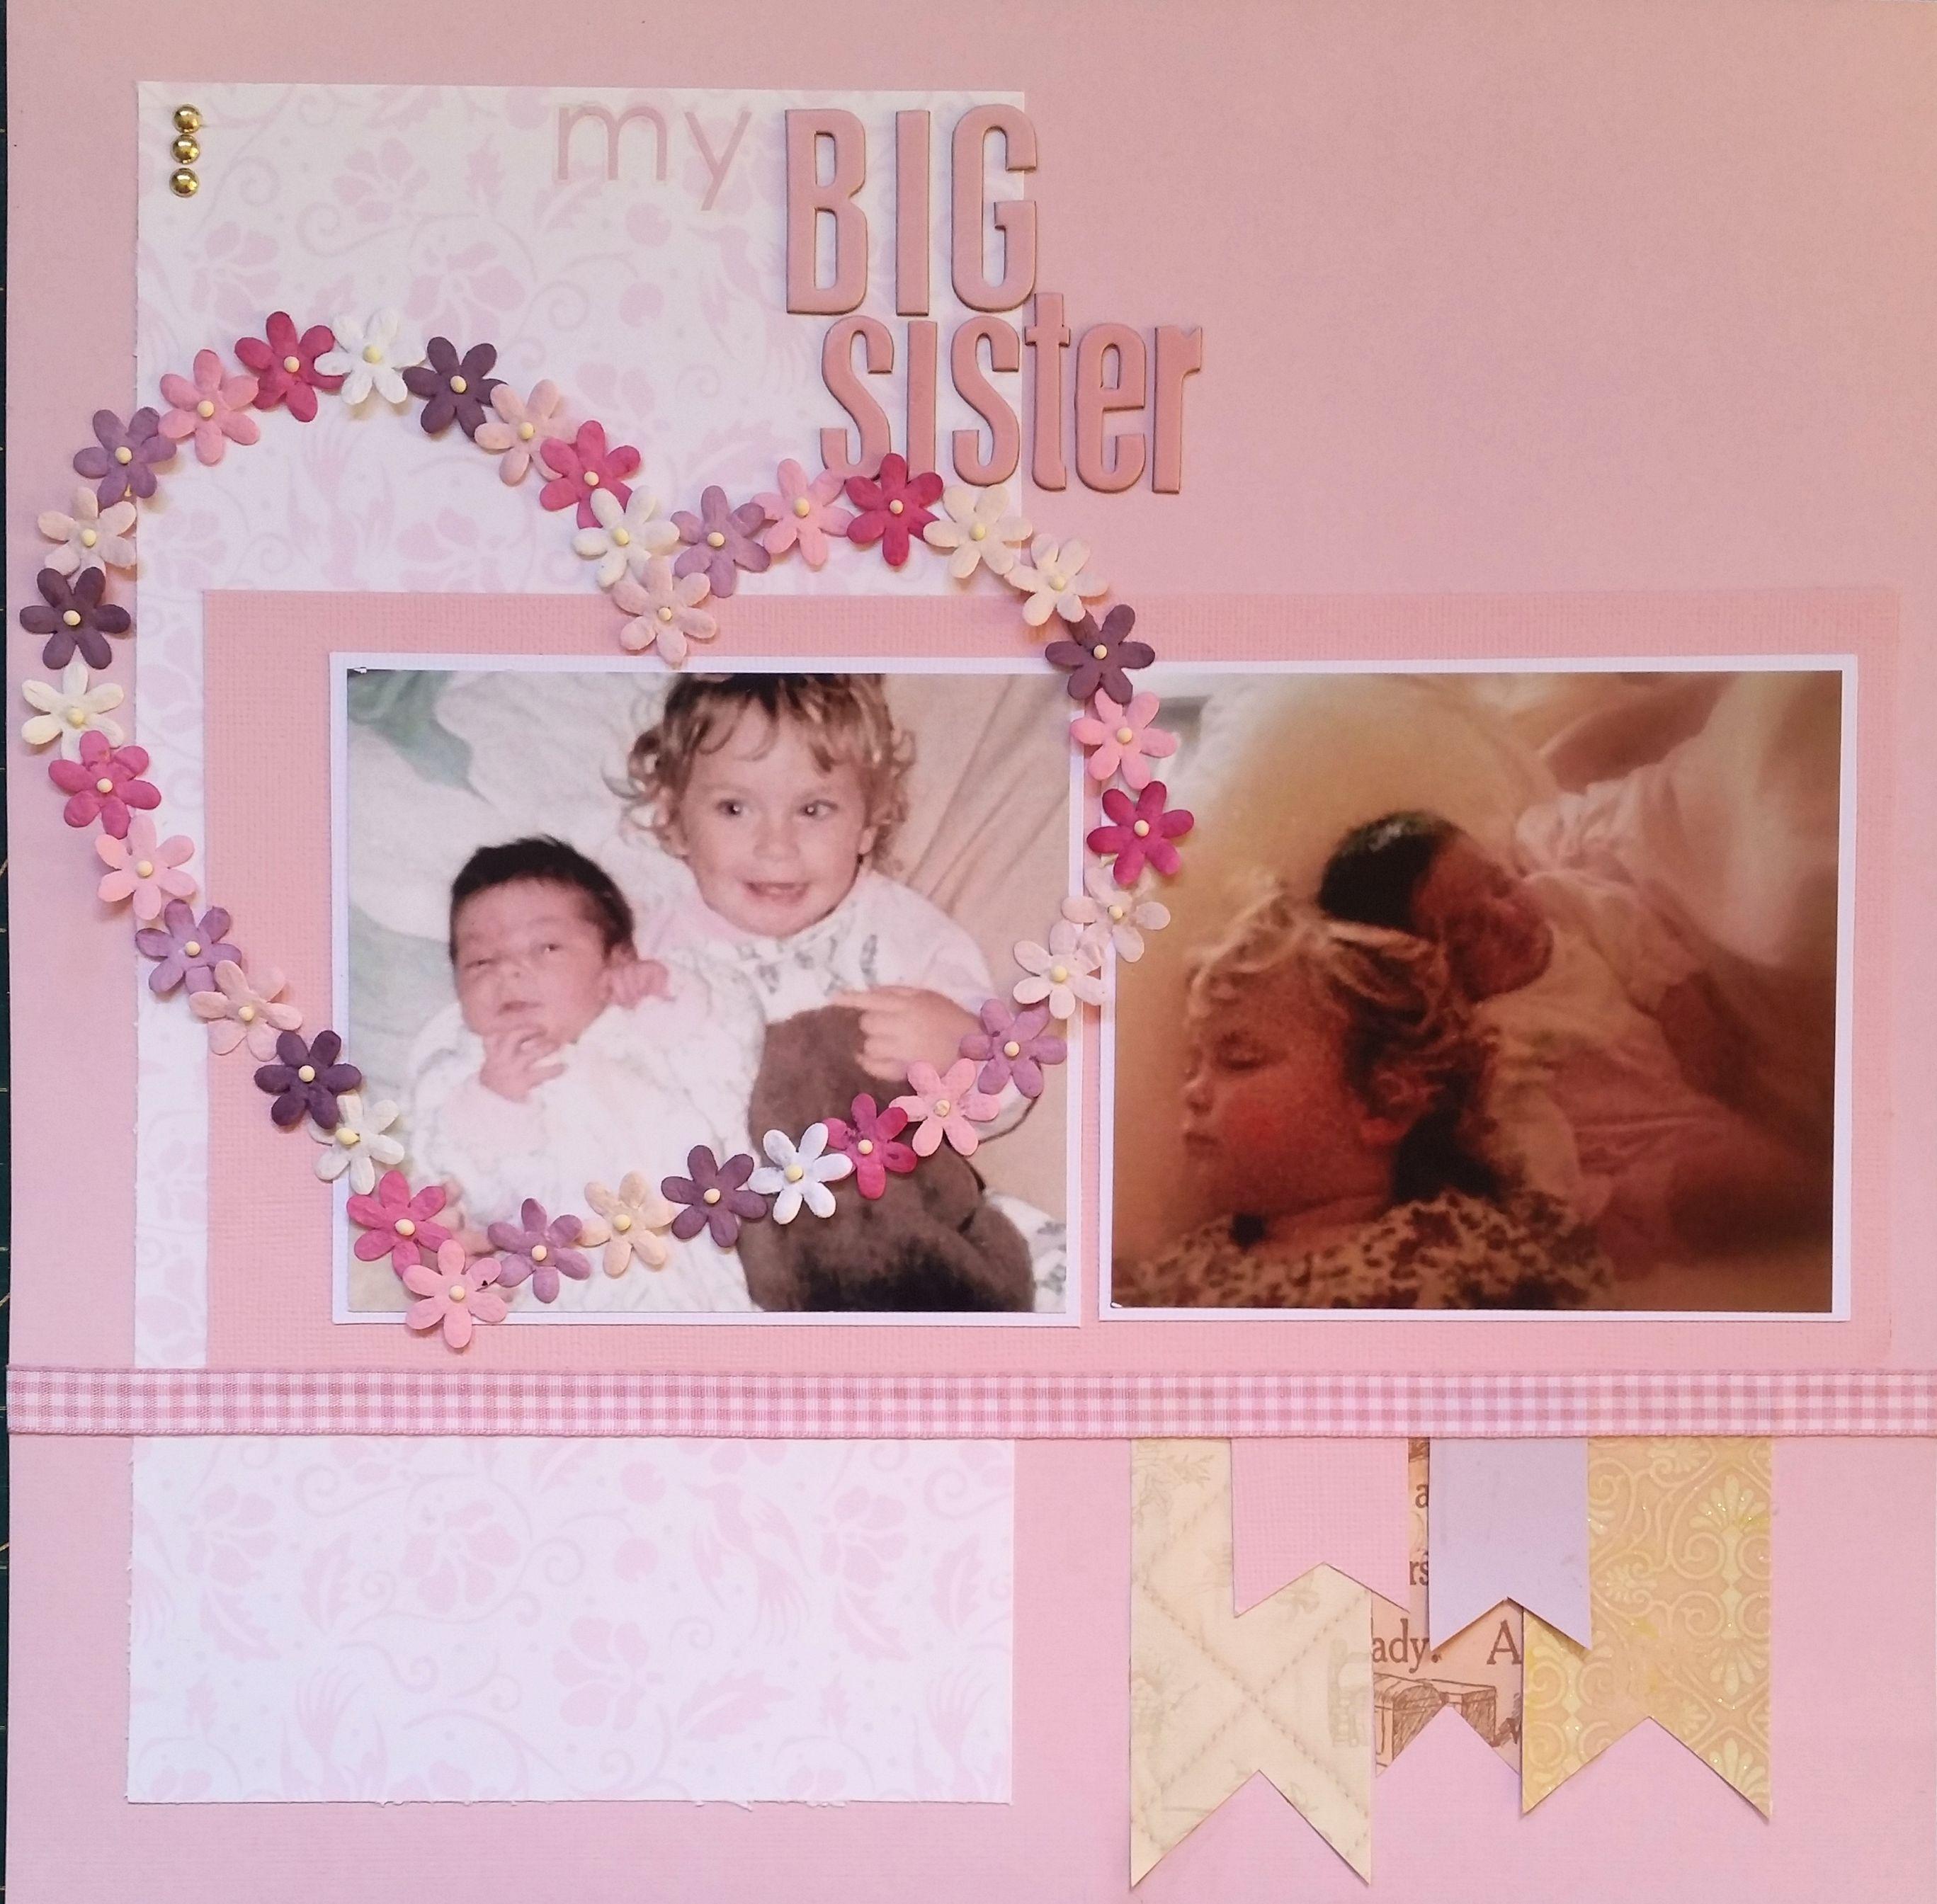 My big sister 2 photo scrapbook layout single page